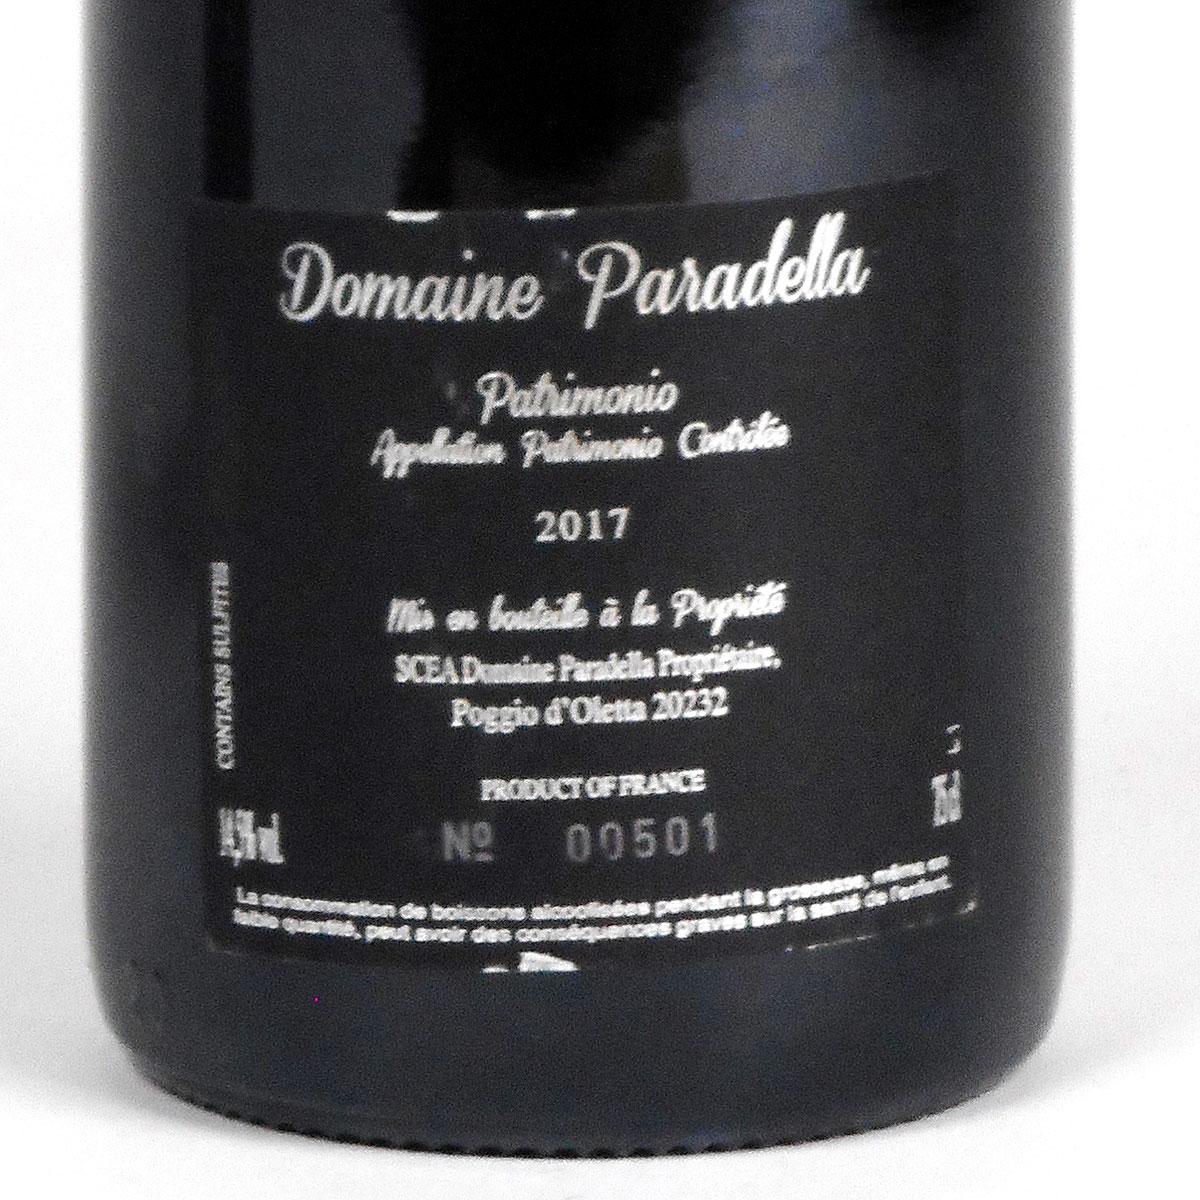 AOC Patrimonio: Domaine Paradella Rouge 2017 - Bottle Rear Label